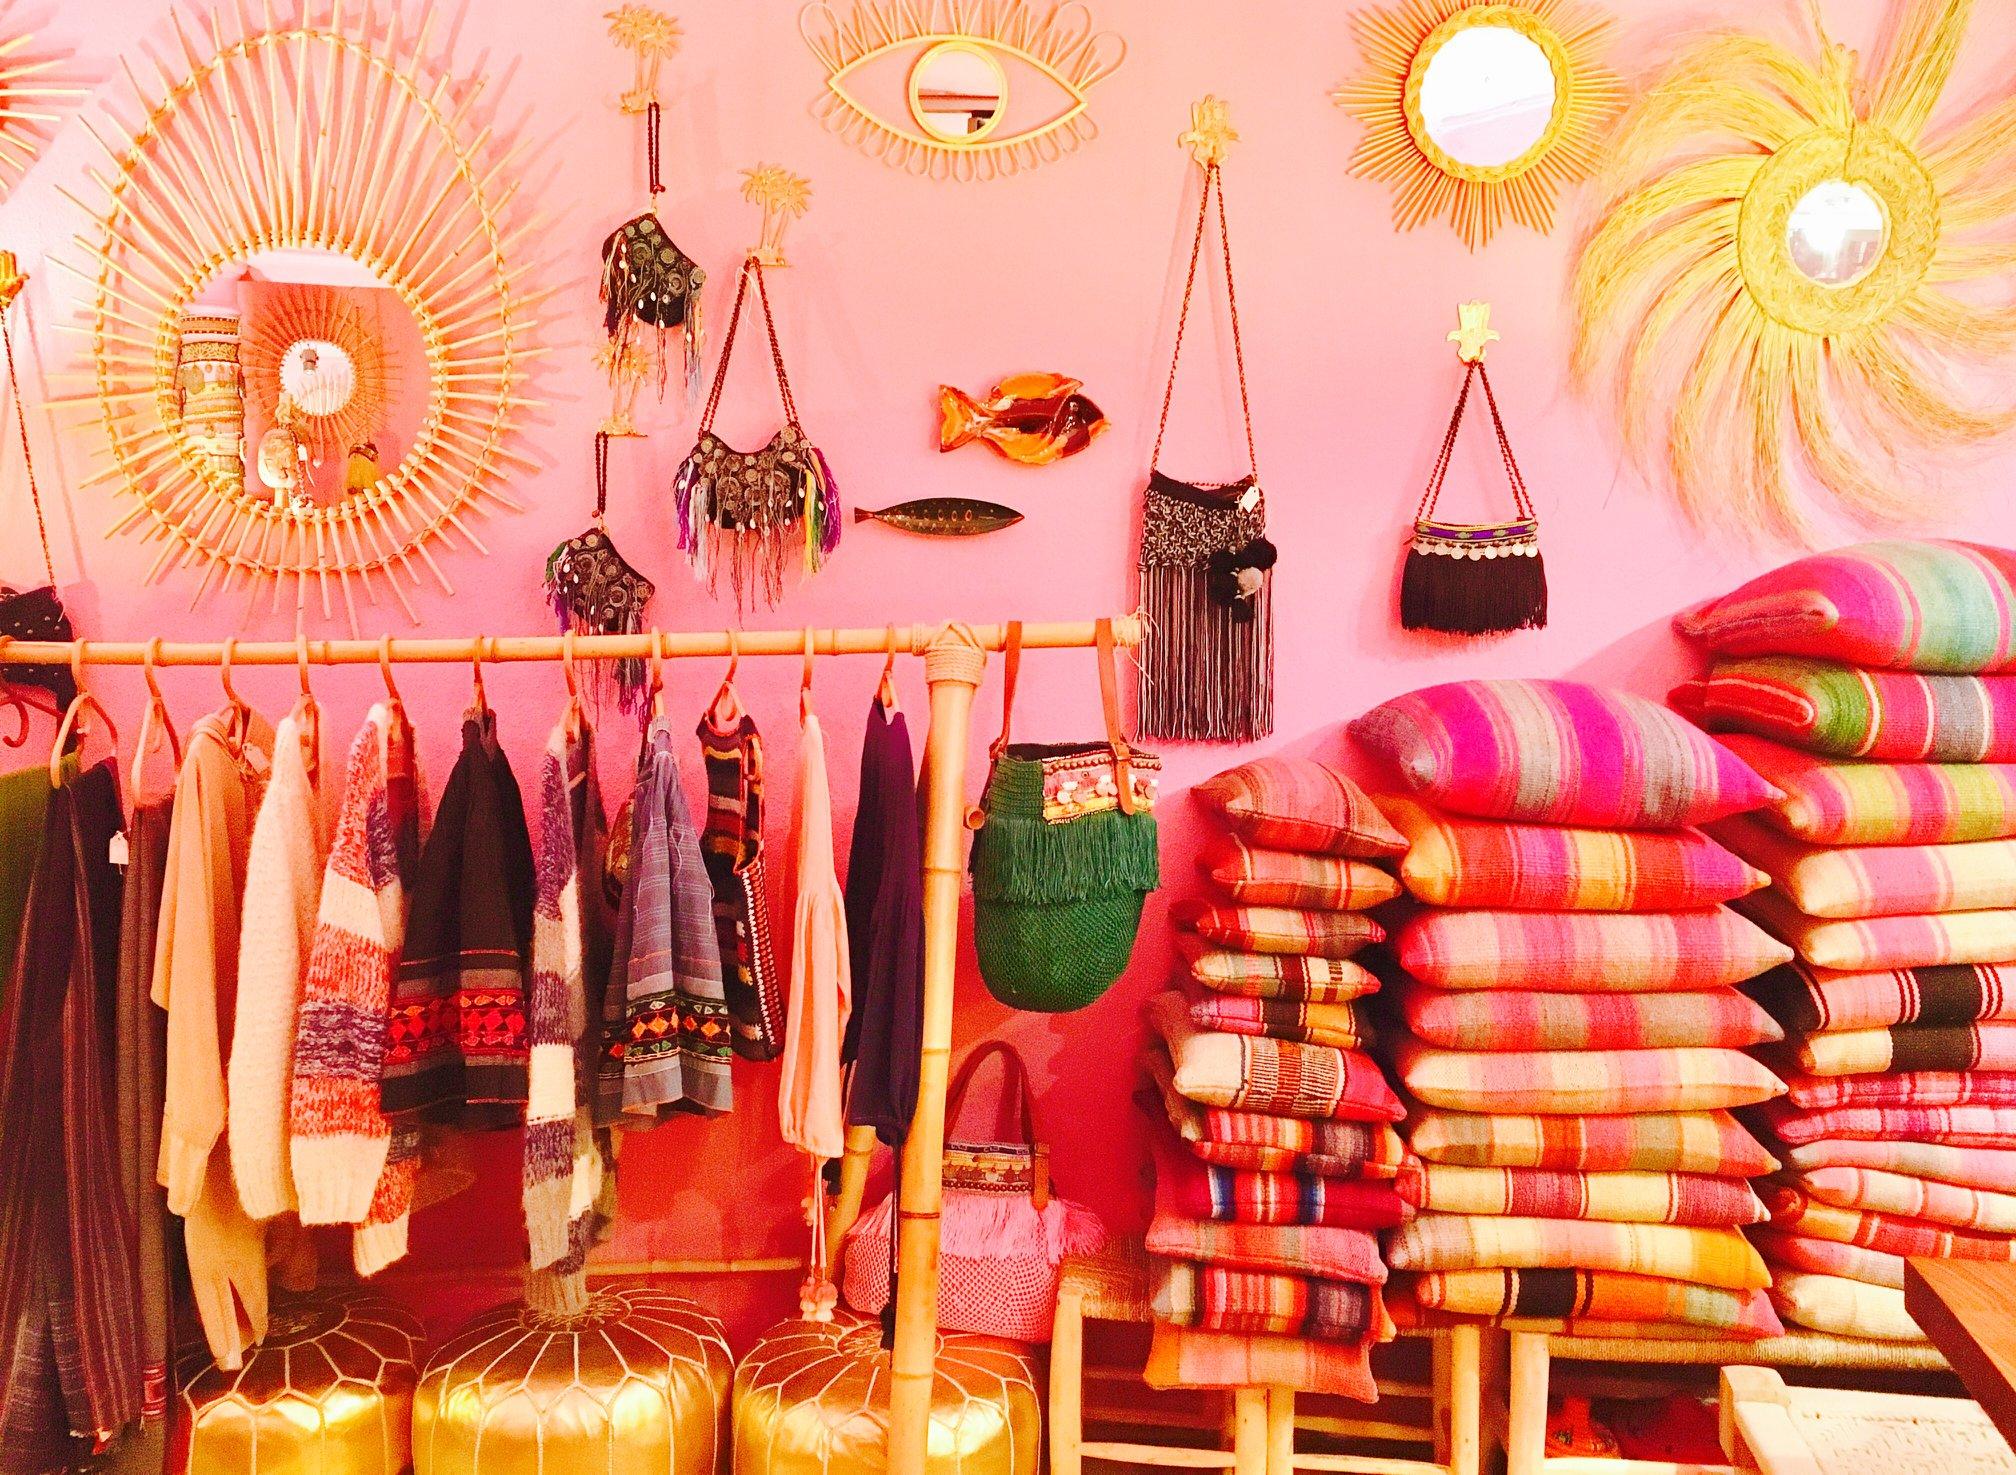 Mit tollen Shops & Aktionen erwacht der Frühling im Lehmweg! 🌸